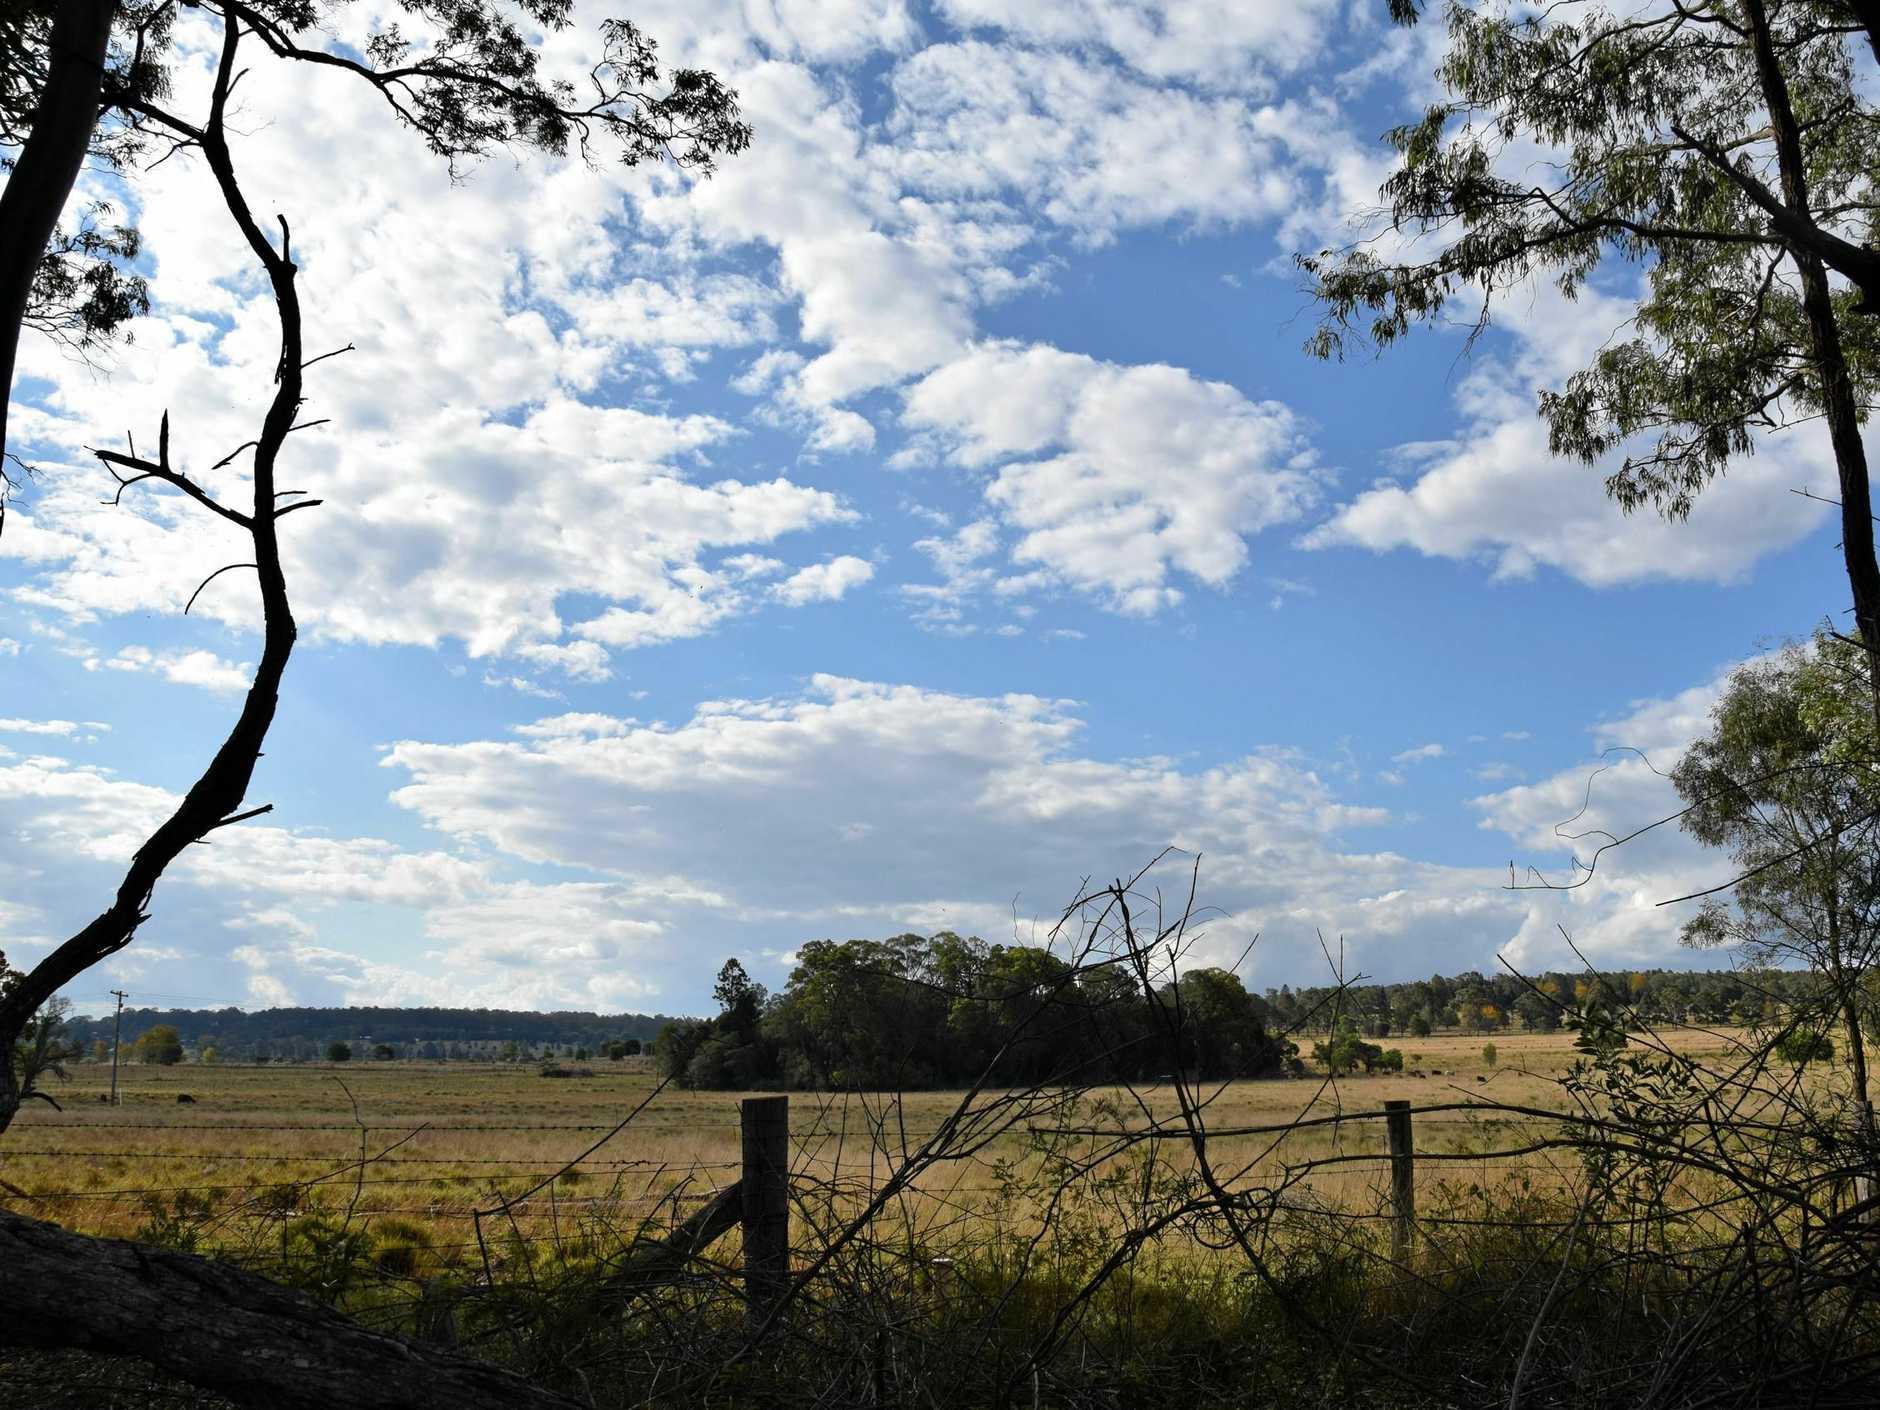 The site where the new solar farm will be built near Kingaroy.